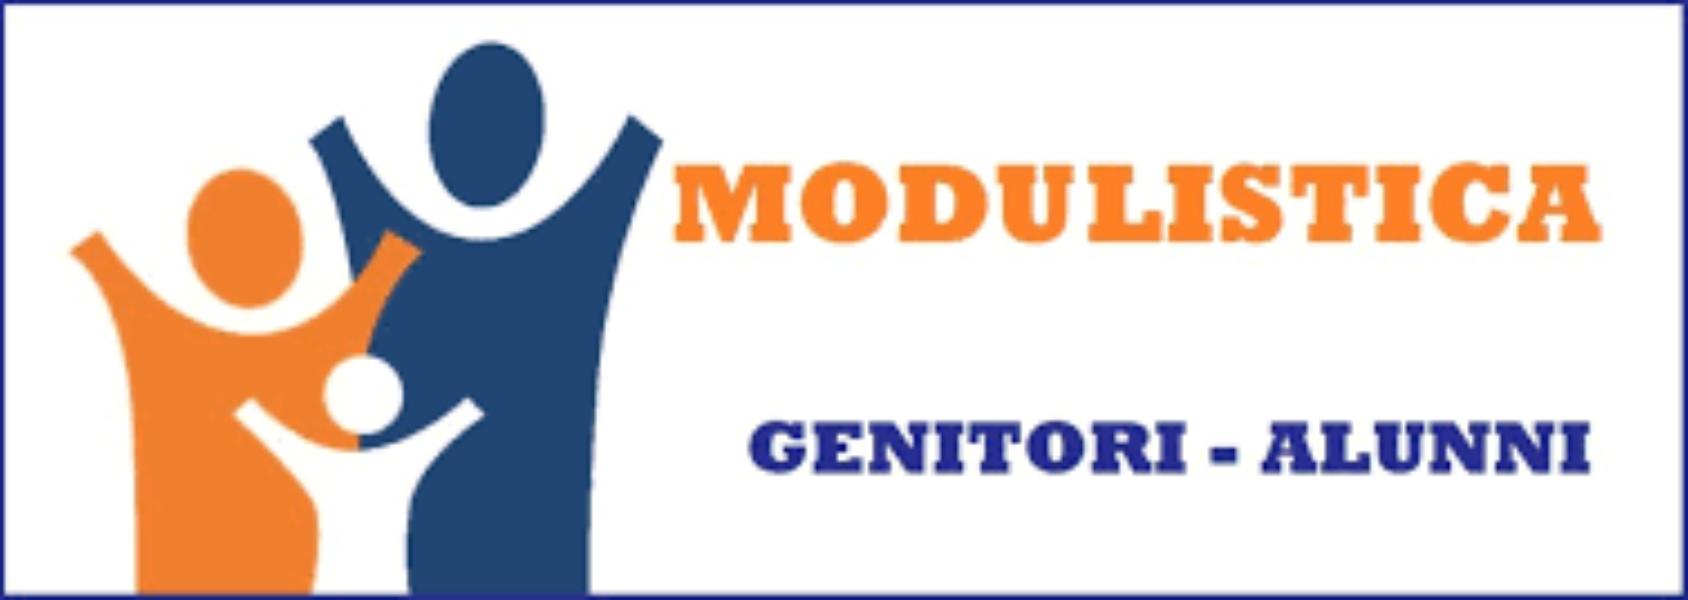 Modulistica Genitori